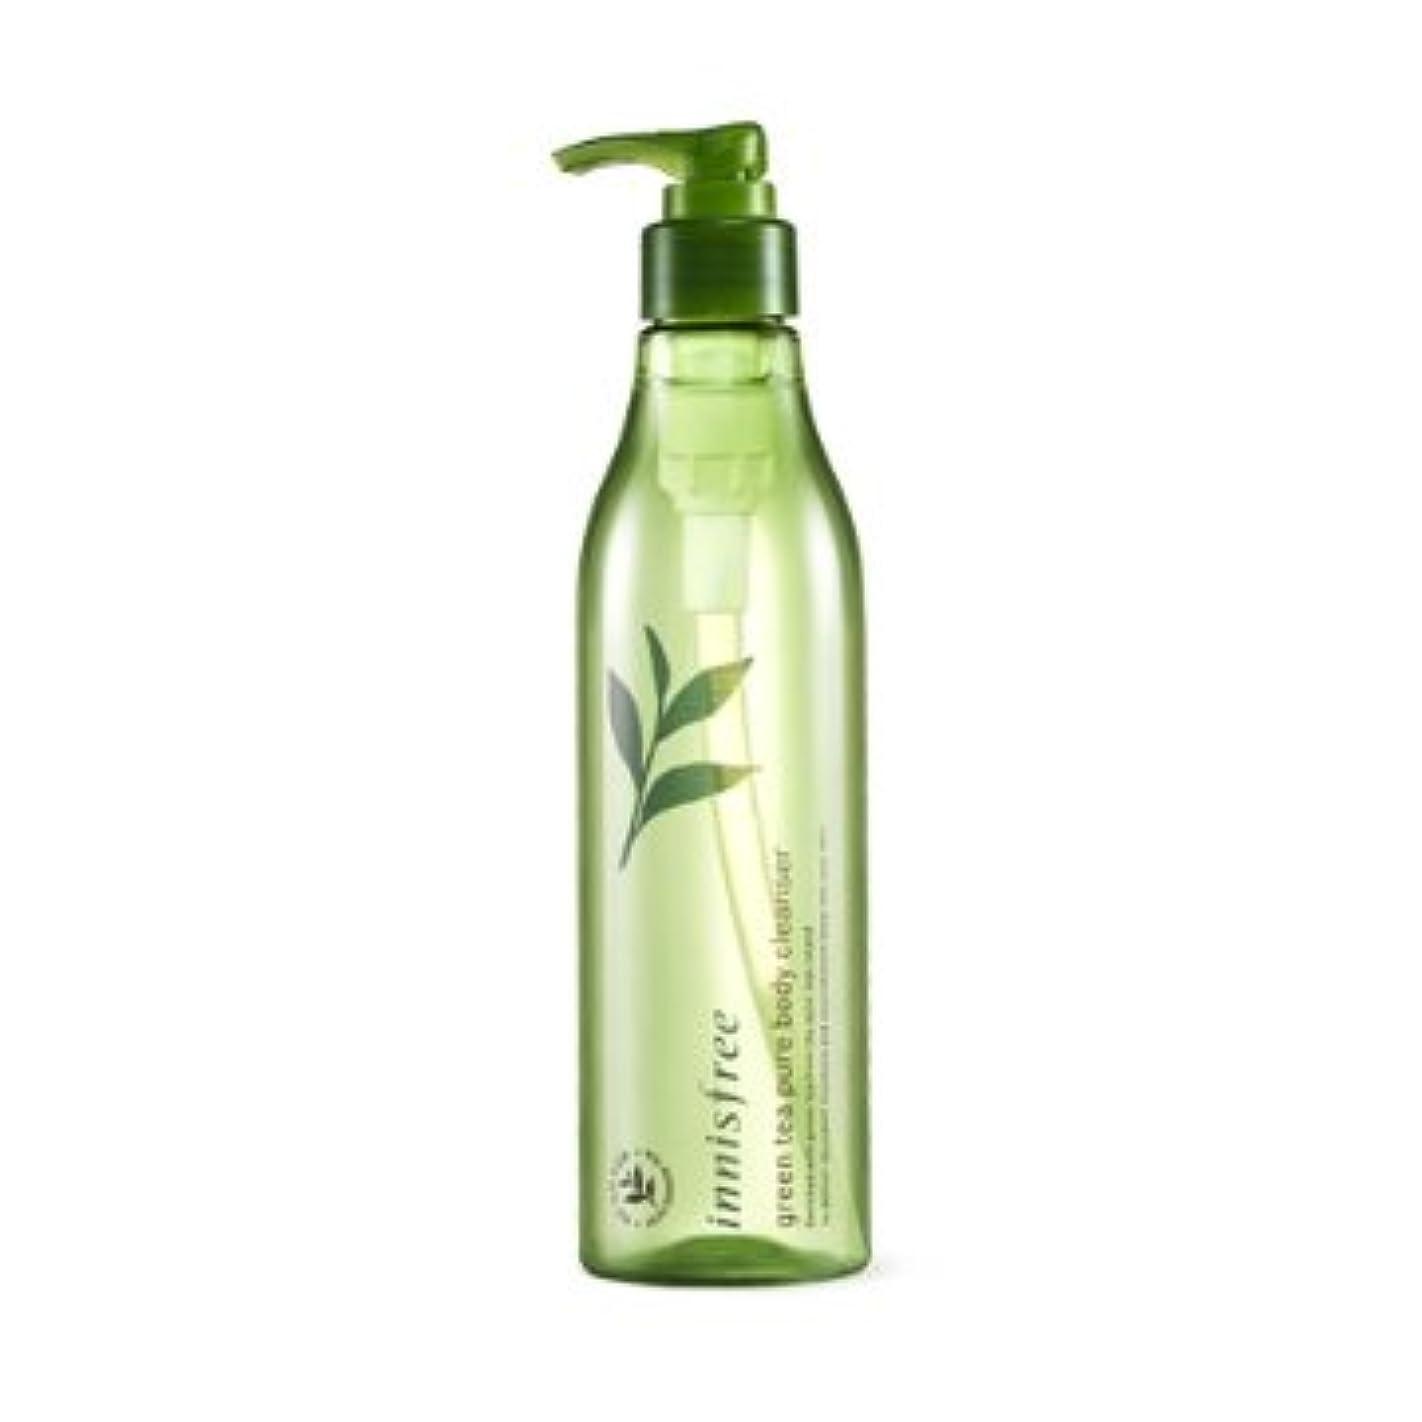 従者同意するセブン【イニスフリー】Innisfree green tea pure body cleanser - 300ml (韓国直送品) (SHOPPINGINSTAGRAM)